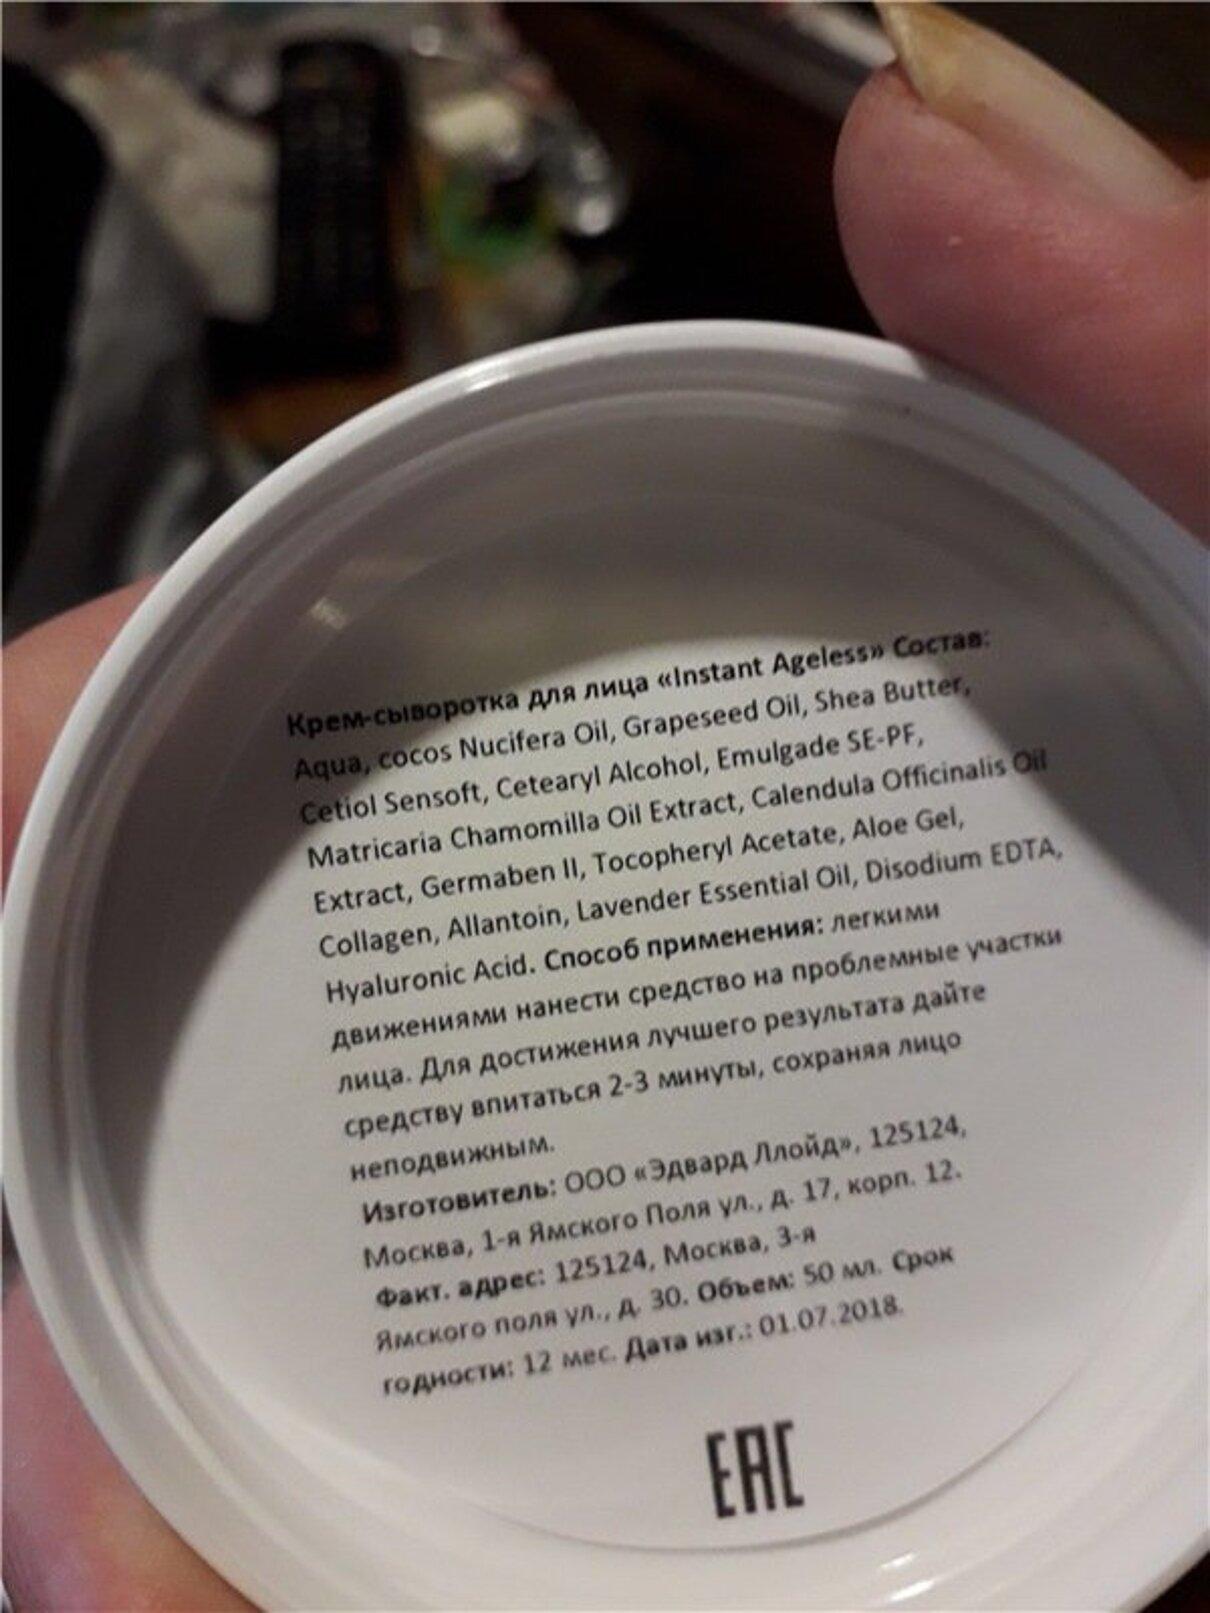 Жалоба-отзыв: ИНТОРГ Н 8(958)7090021 - Получение поддельной продукции вместо заказанной.  Фото №5